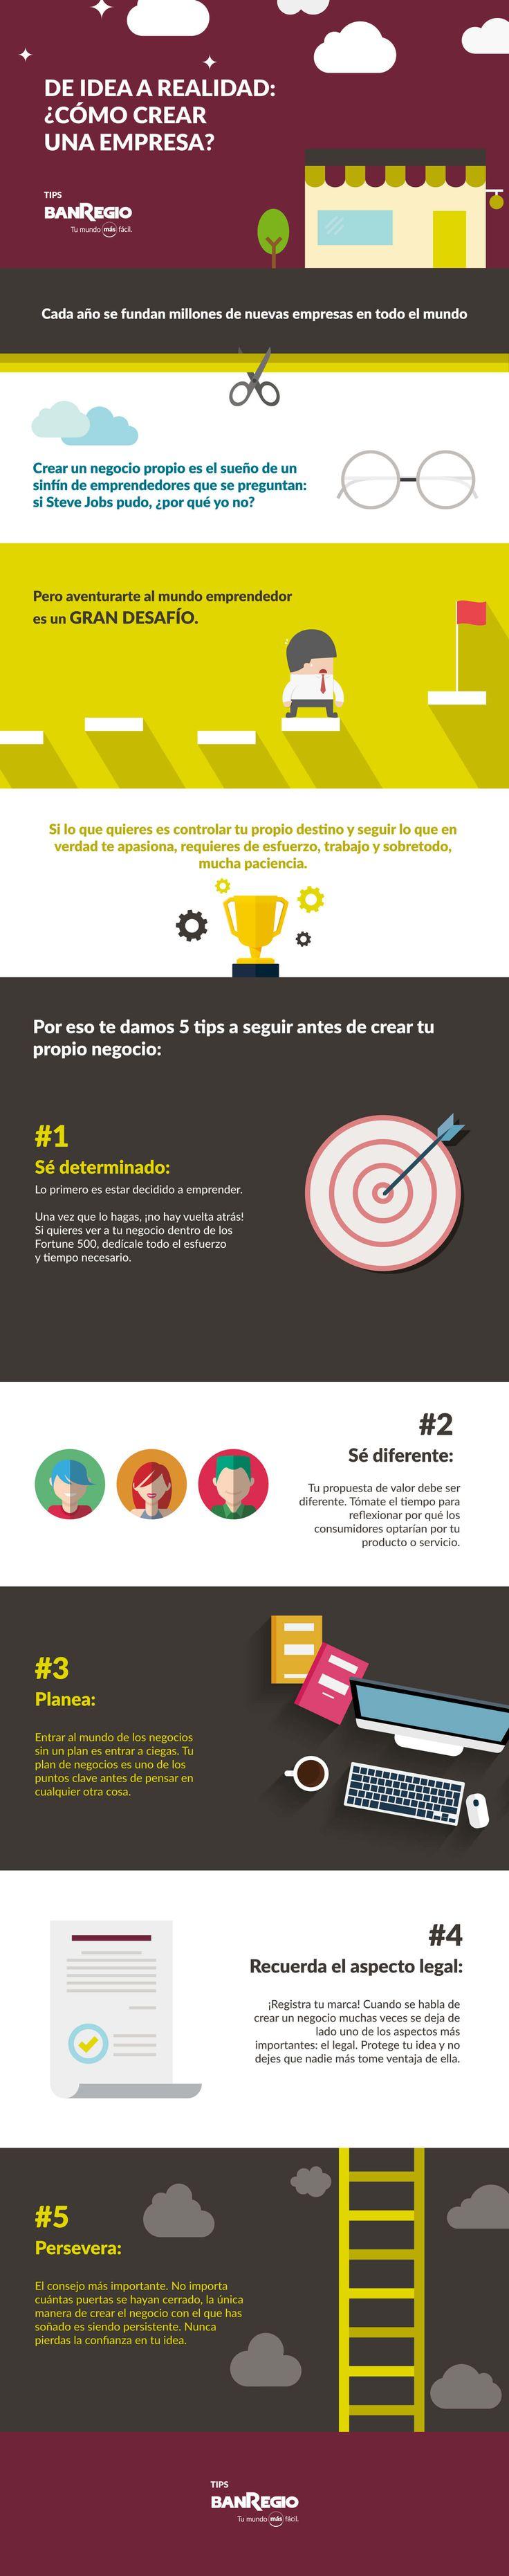 ·Emprender ·Emprendimiento ·StartUp ·Empresa ·Crea tu empresa ·infografico ·ilustración ·tips